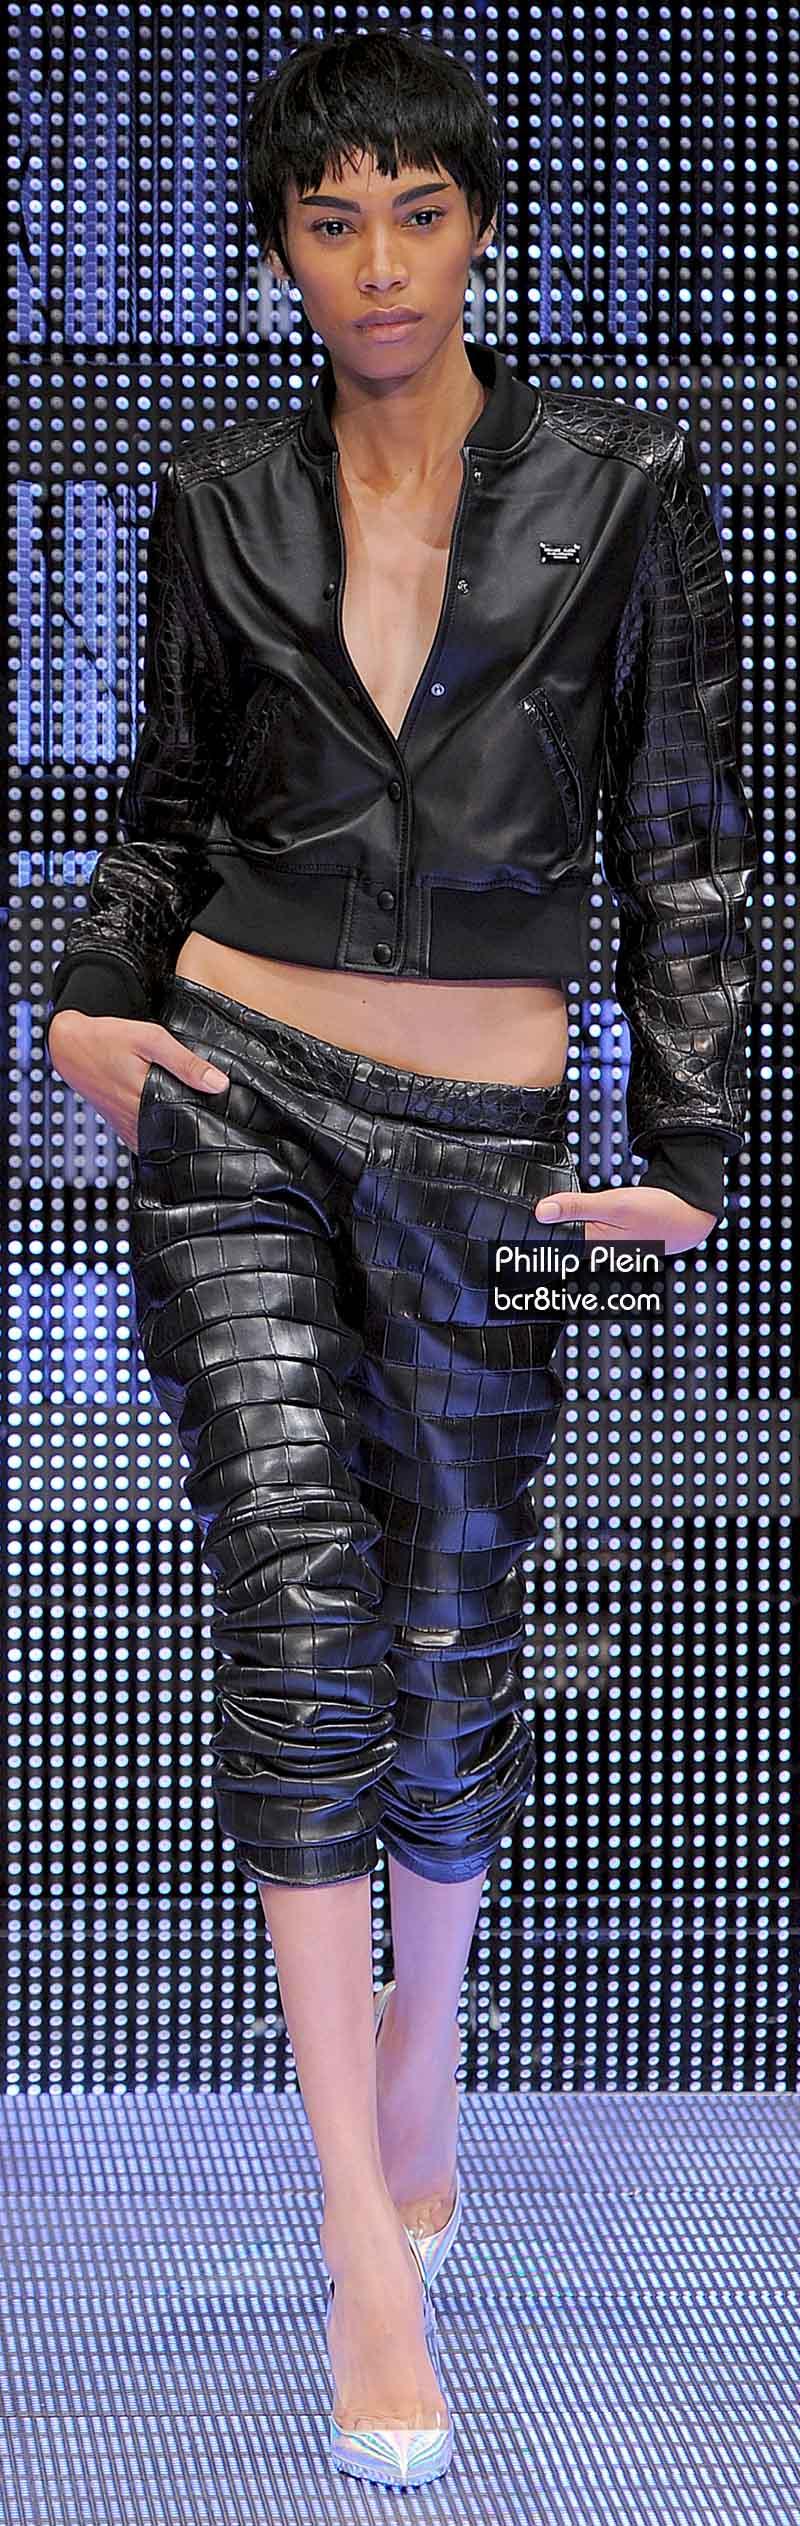 Phillip Plein Spring 2014